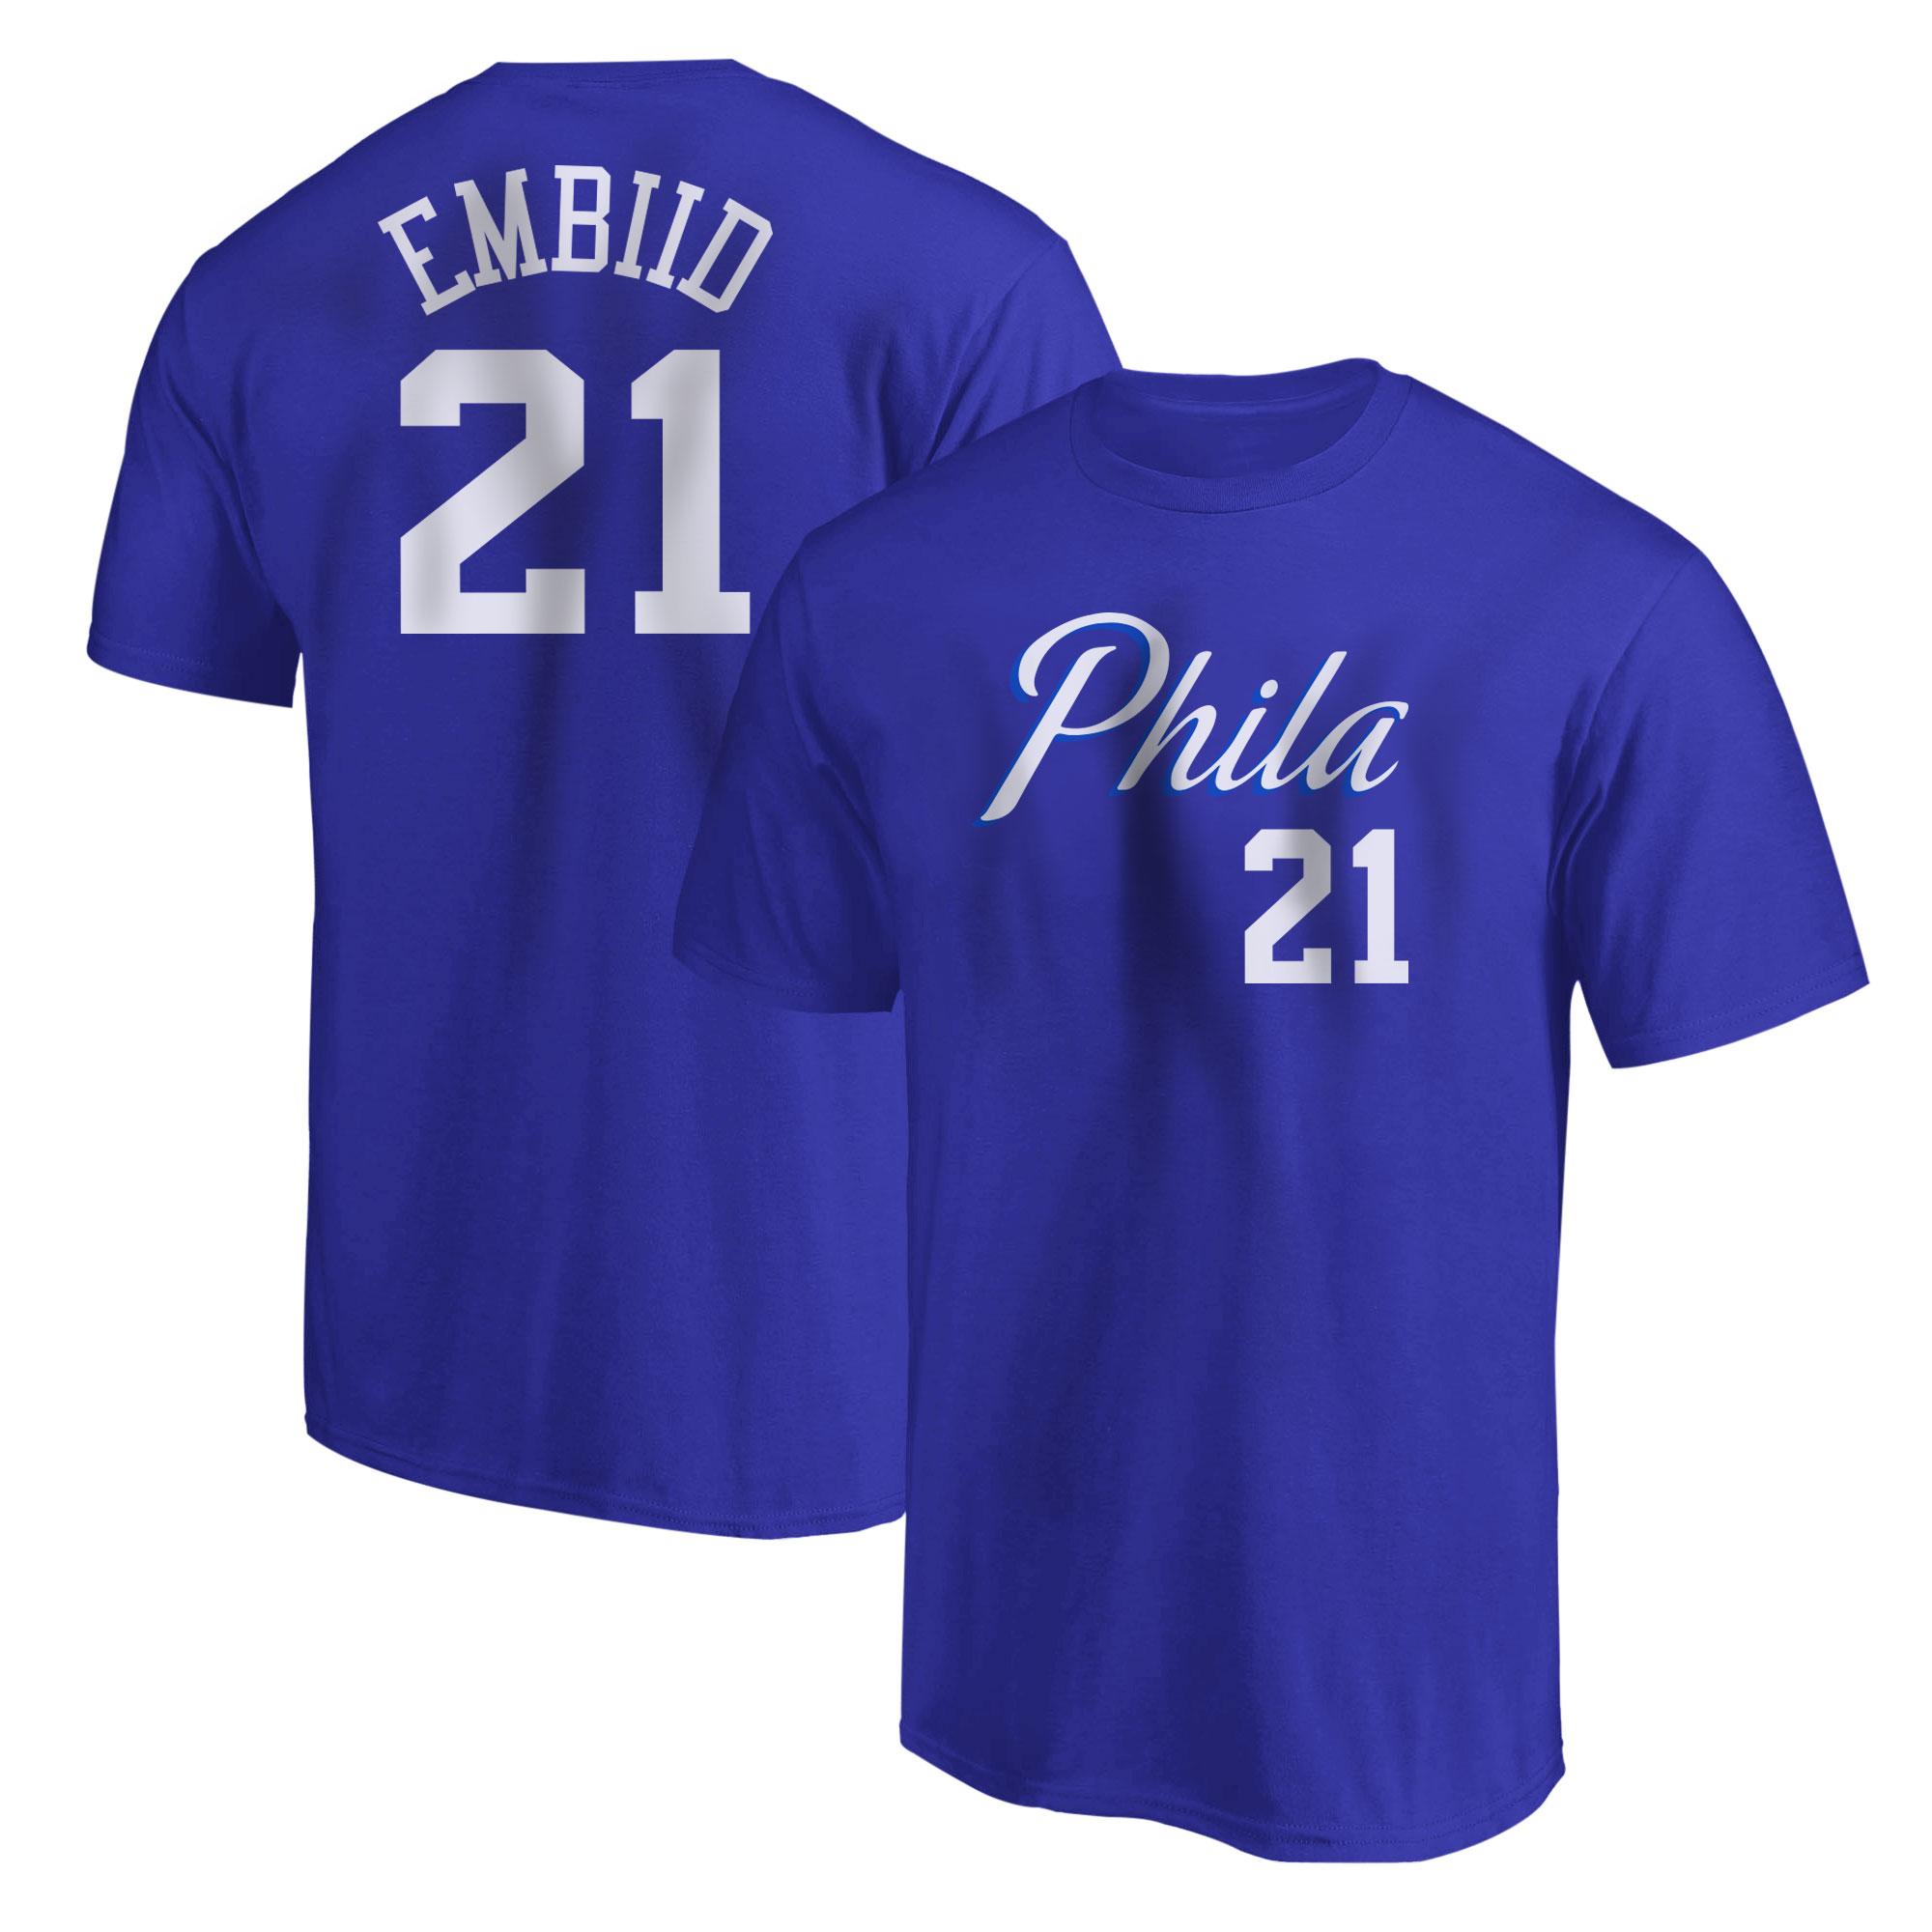 Philadelphia 76ers Joel Embiid Tshirt (TSH-BLU-NP-504-21)